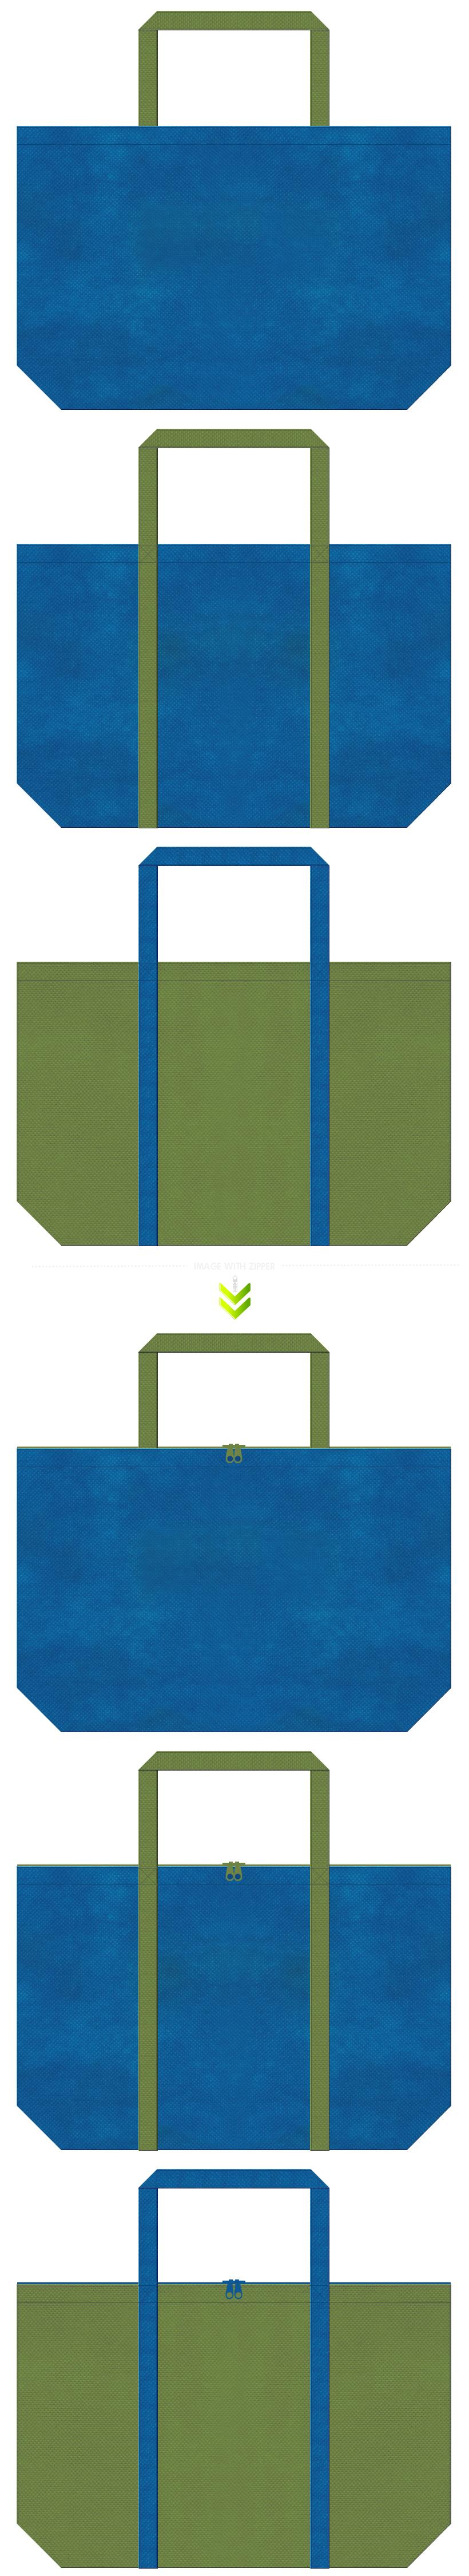 青色と草色の不織布ショッピングバッグのデザイン